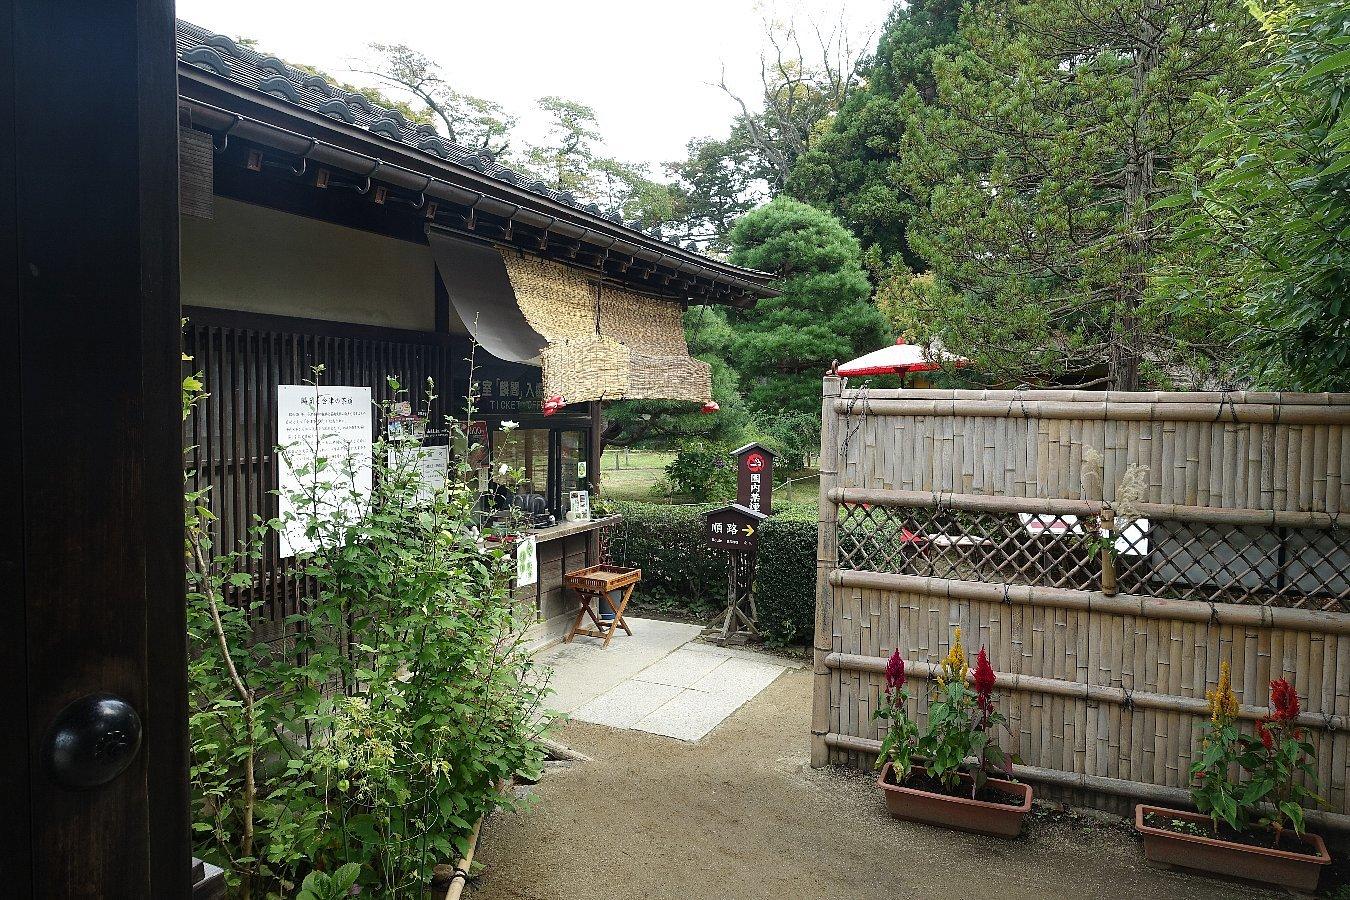 鶴ヶ城公園 茶室「麟閣」_c0112559_08322048.jpg